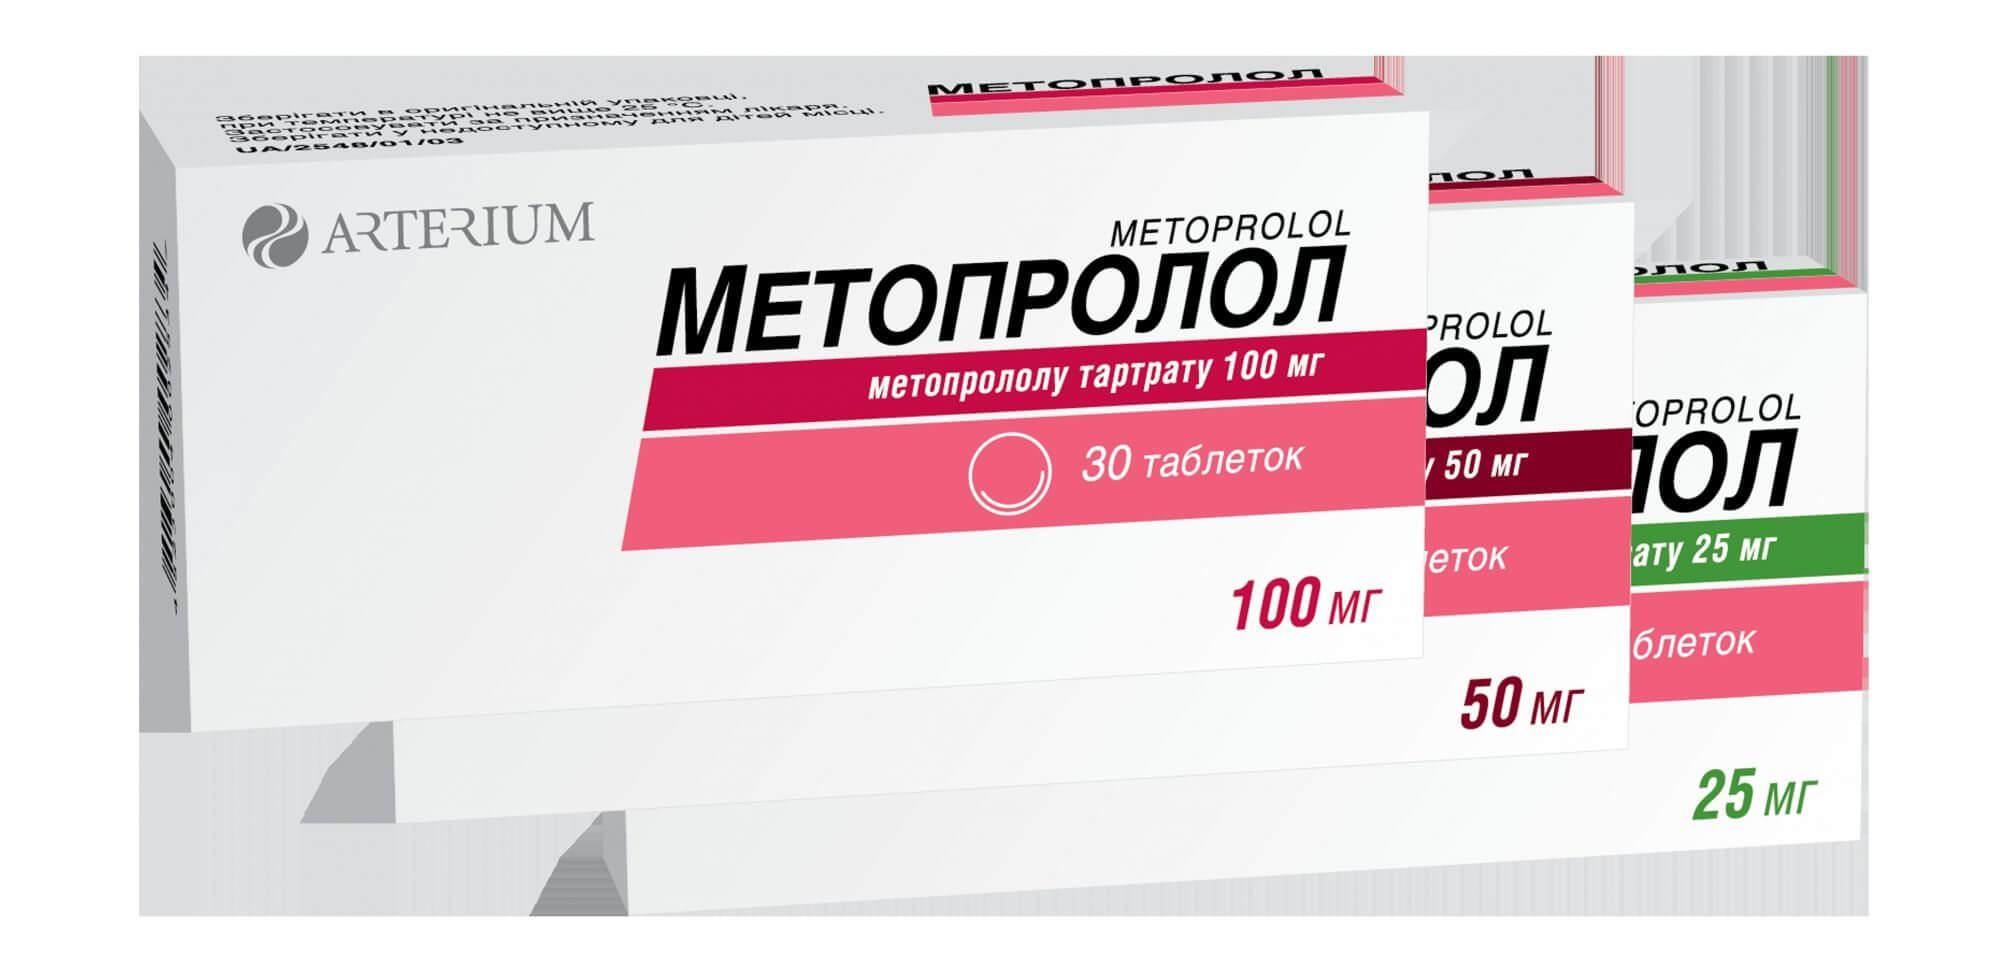 Метопролол | Metoprololum